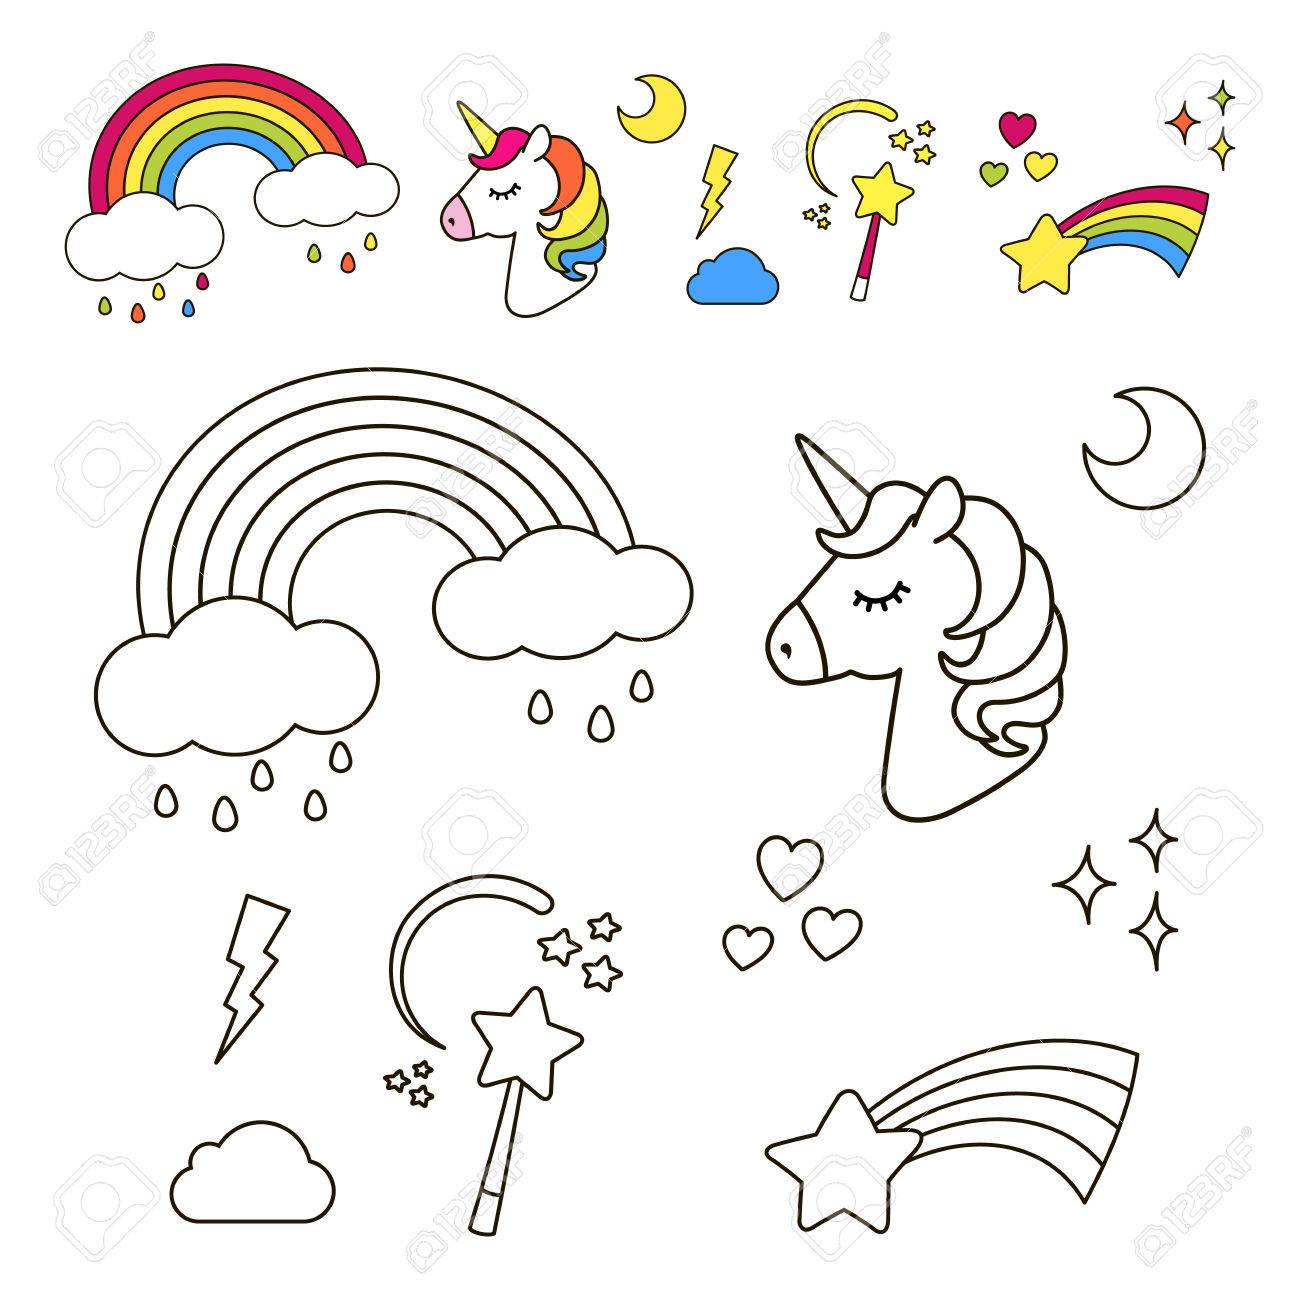 Pegatinas Conjunto Con Unicornio, Arco Iris, Estrella, Nube, Varita ...